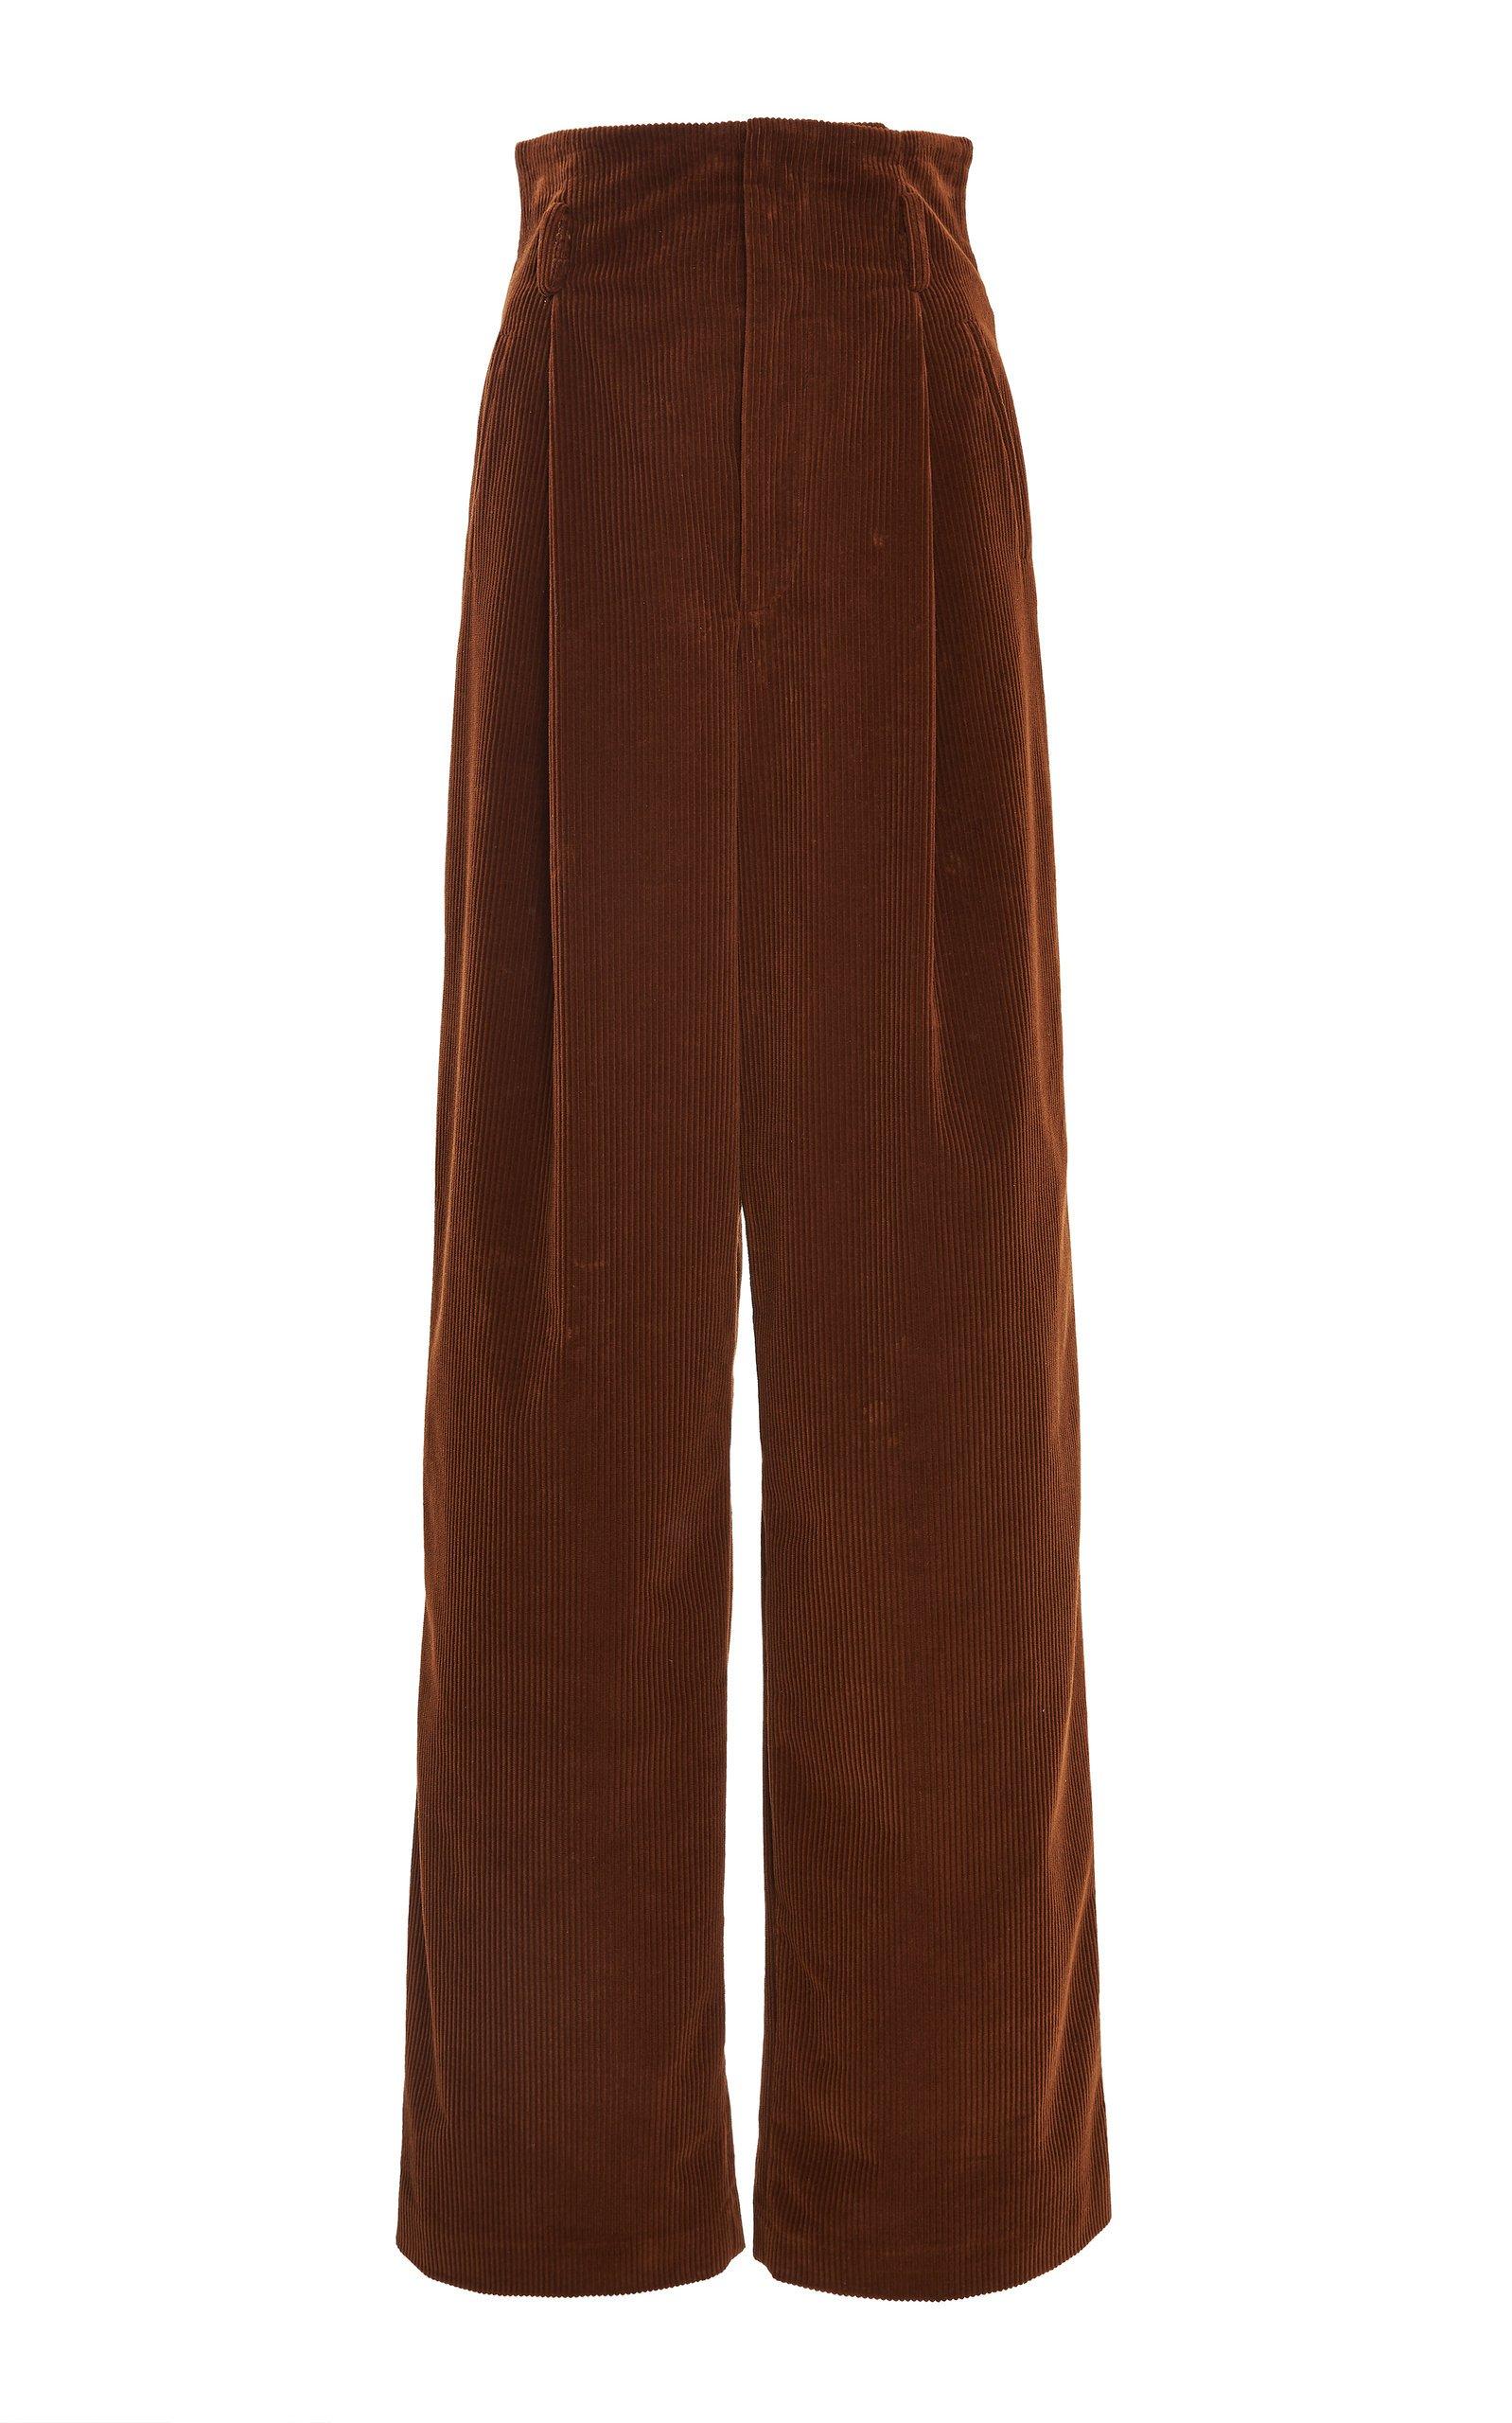 Alberta Ferretti Cotton-Corduroy Wide-Leg Pants Size: 42